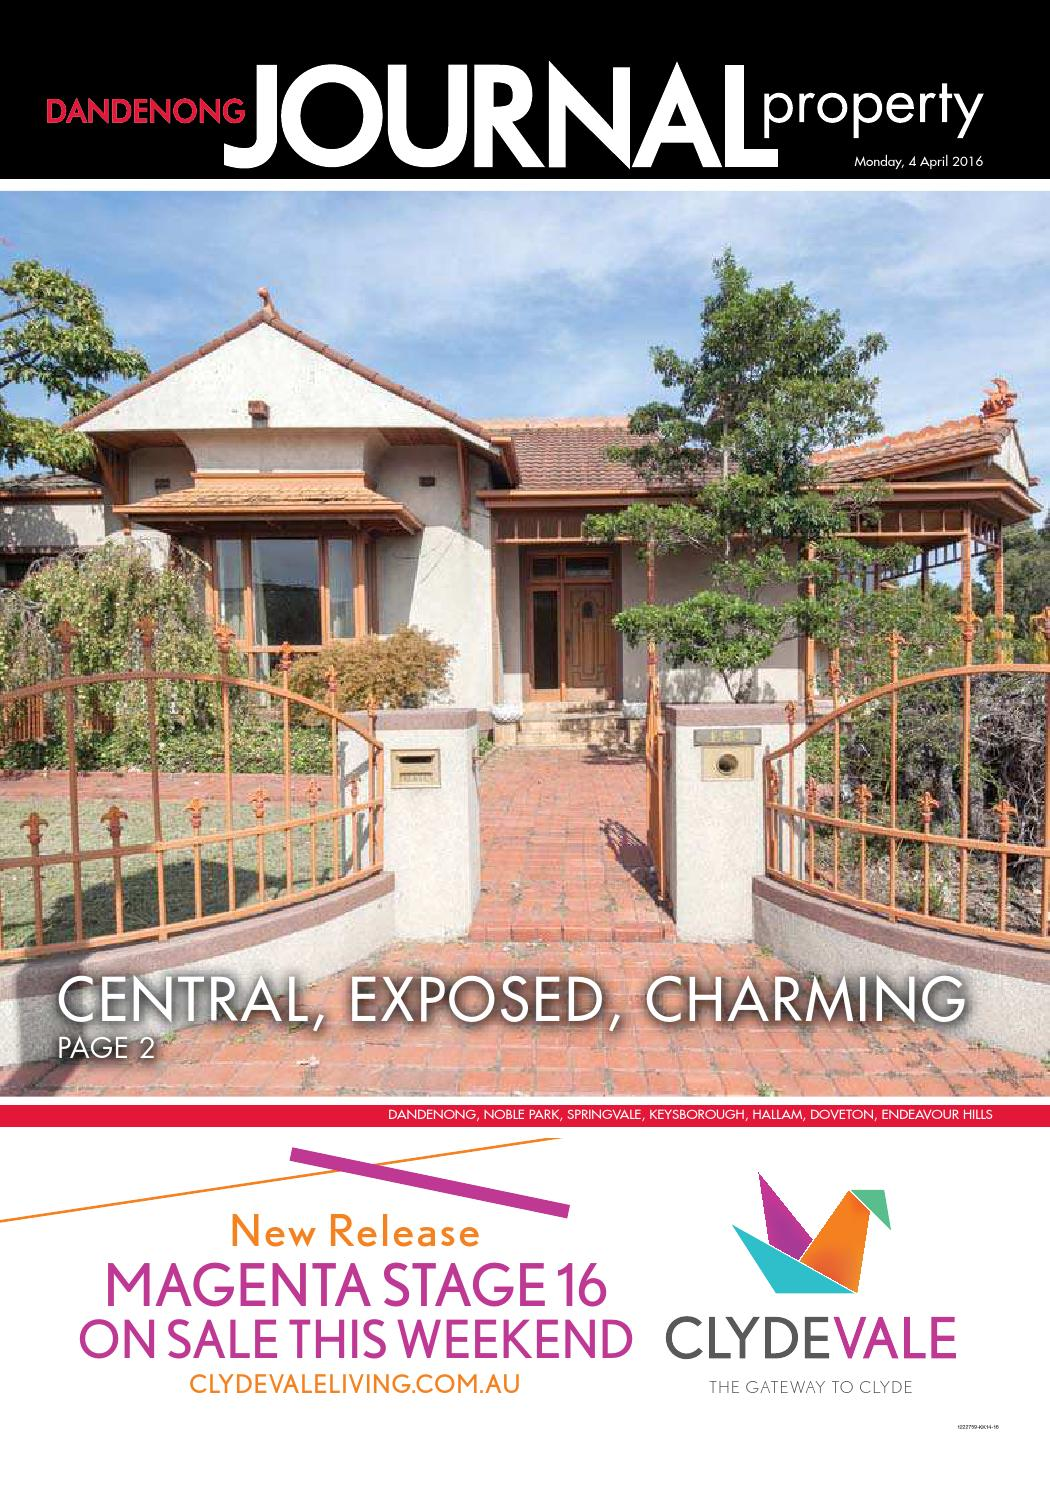 Dandenong Journal Property 04th April